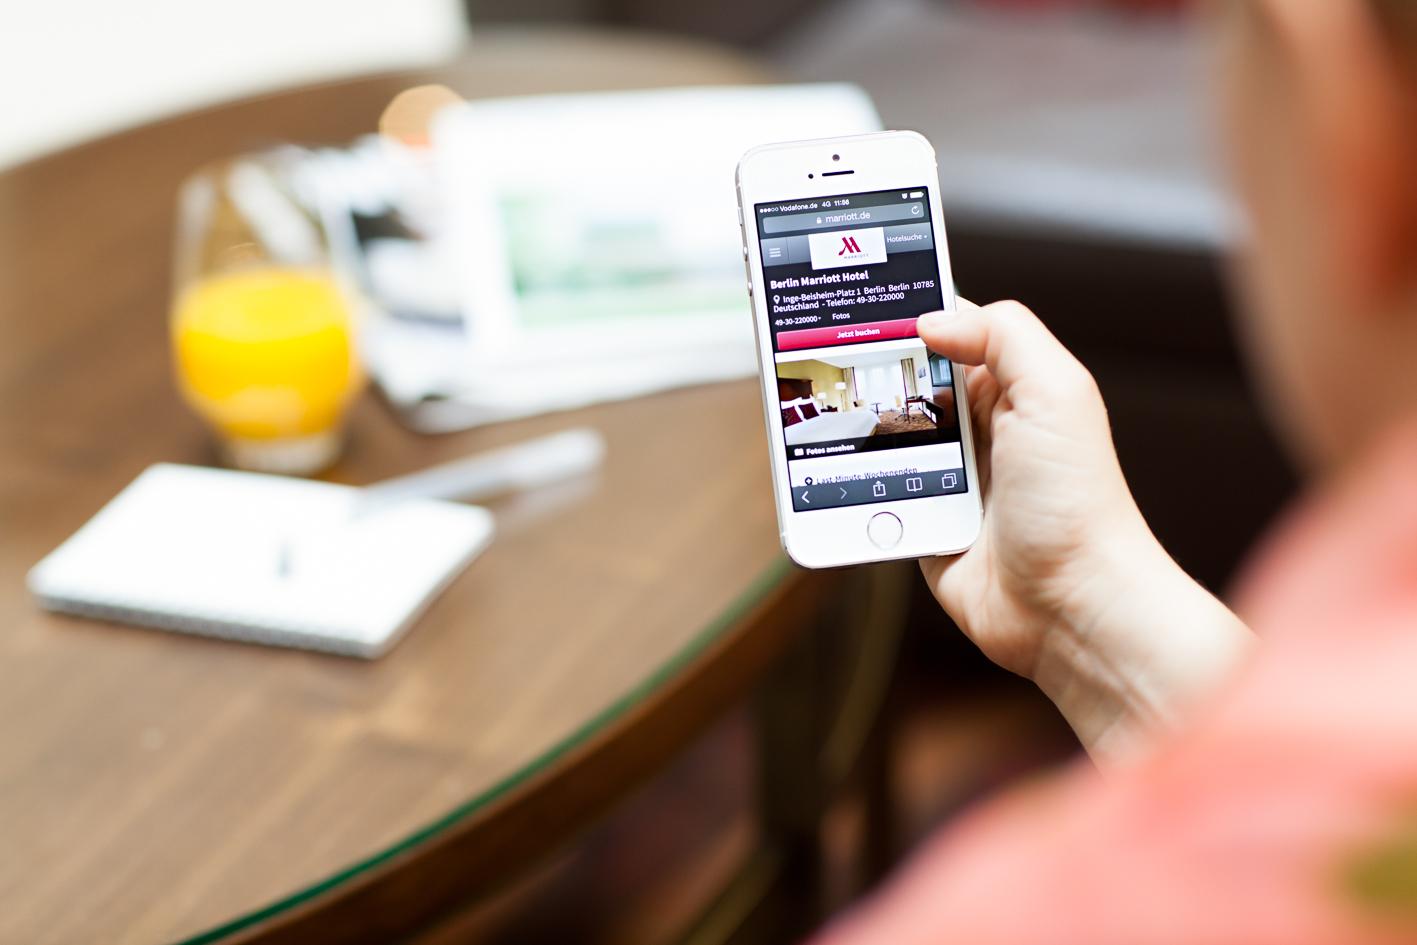 Marriott Hotel Berlin: Check-in per Smartphone